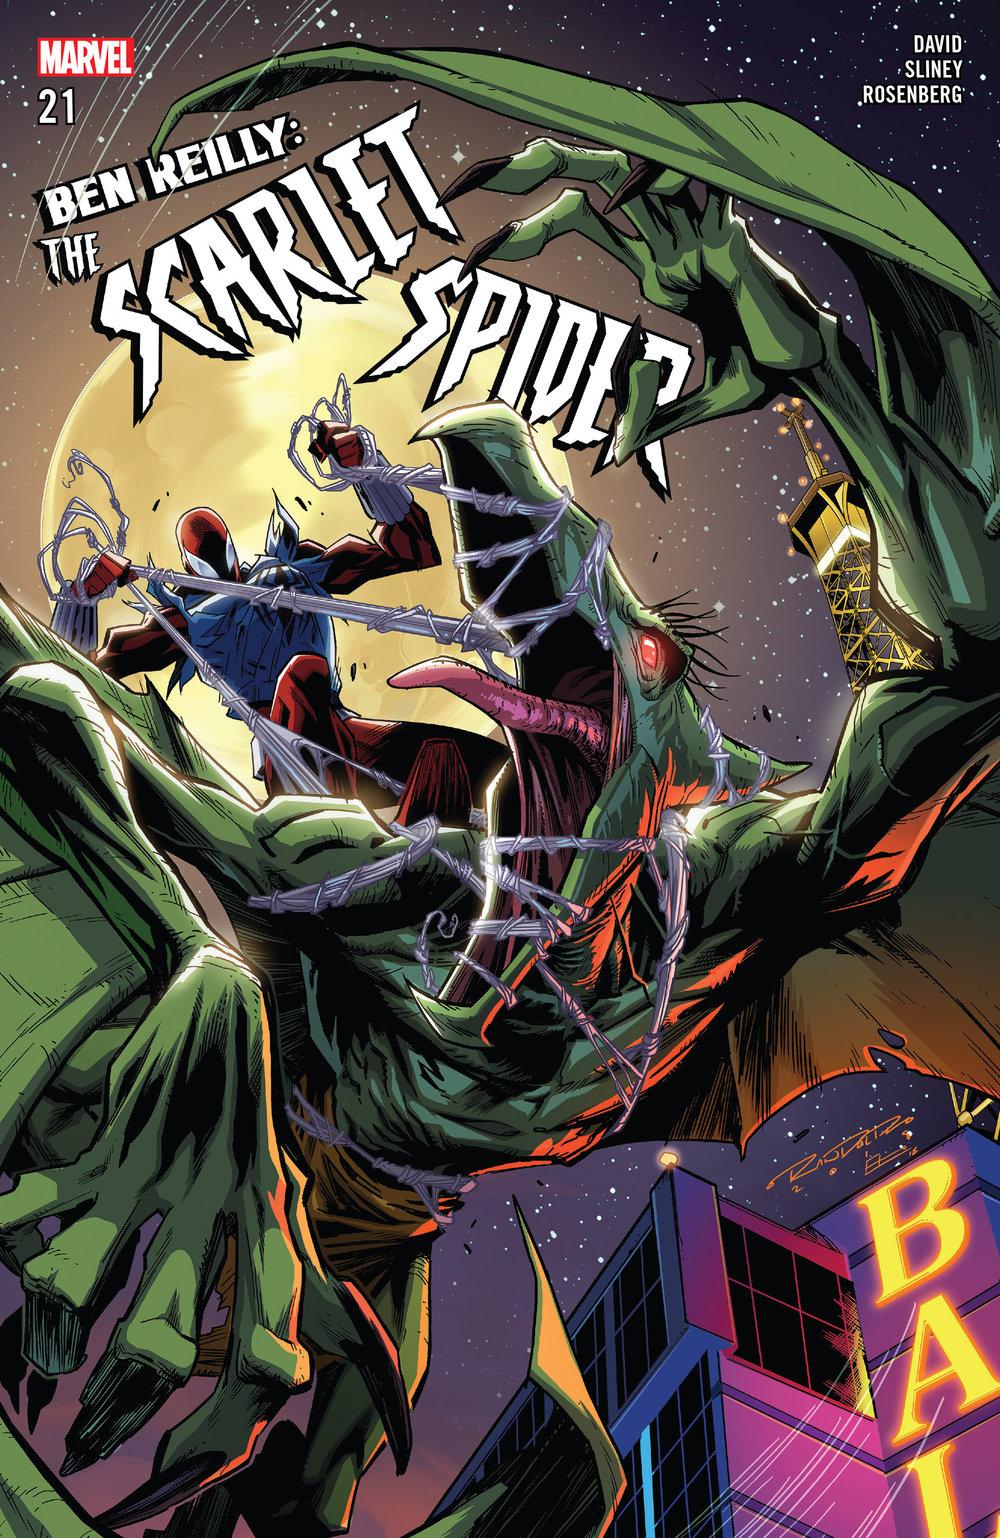 Ben Reilly - Scarlet Spider (2017-) 021-000.jpg